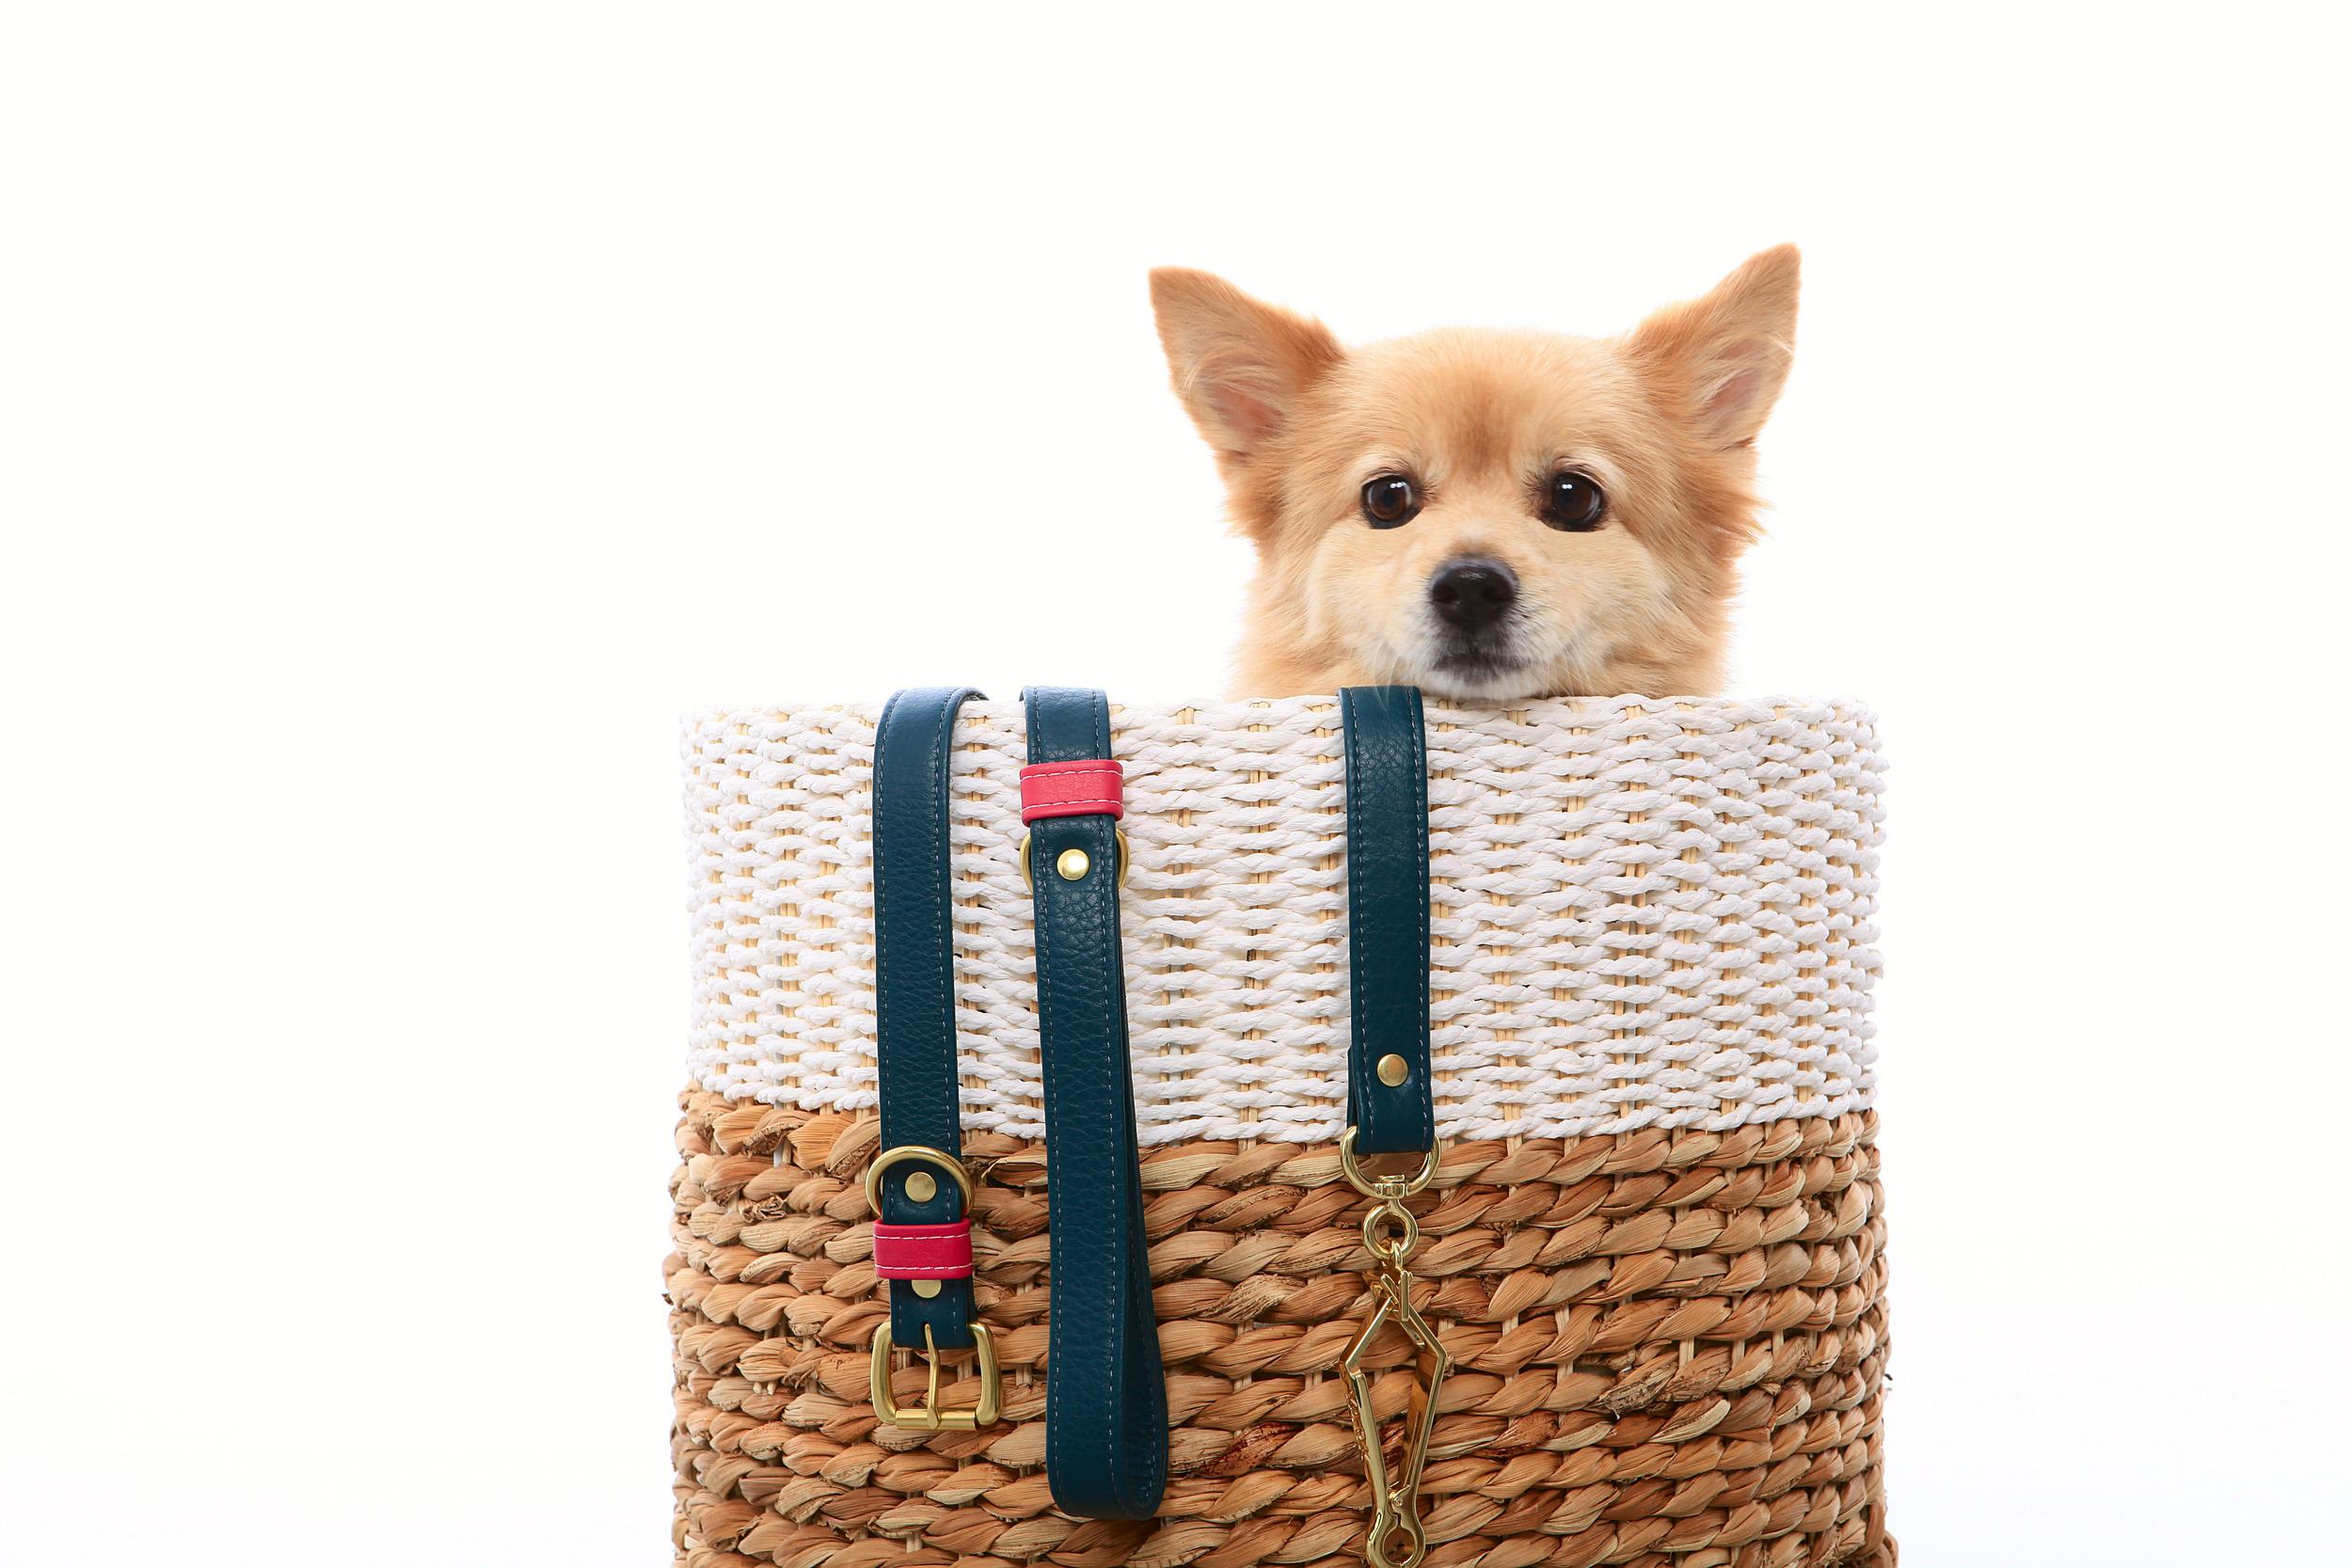 rufus in a basket.jpg